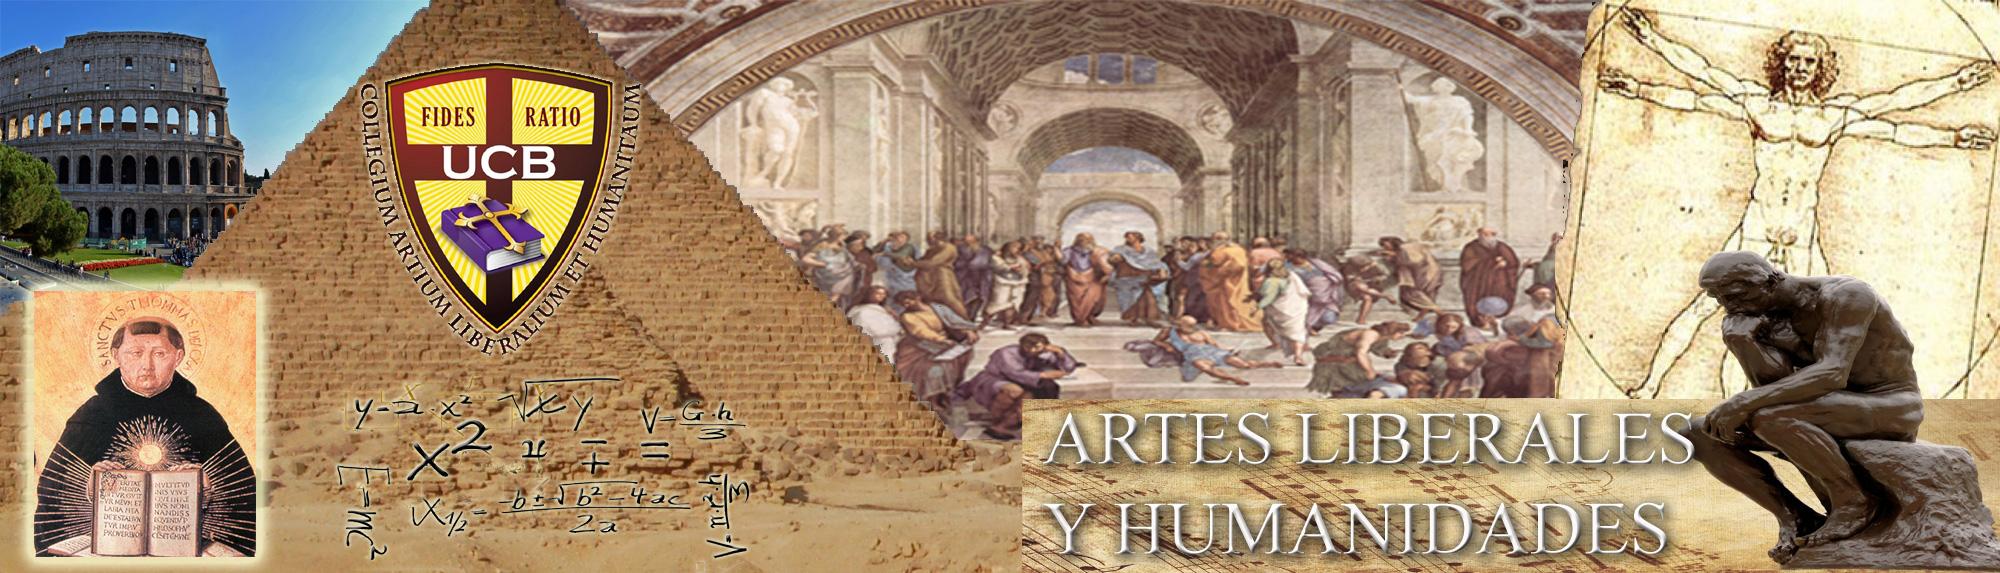 COLEGIO-DE-ARTES-LIBERALES_